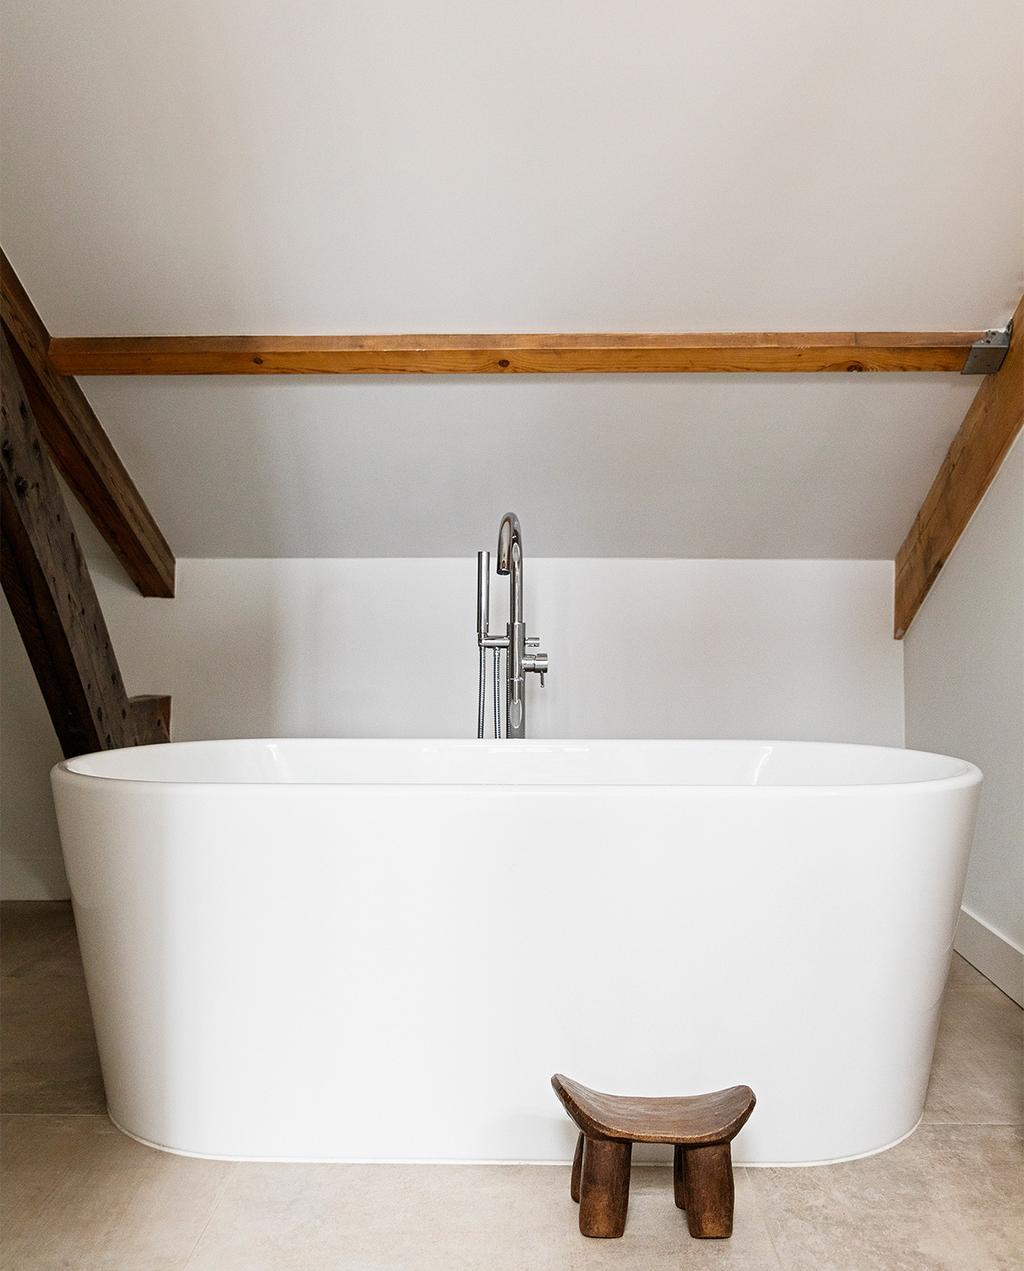 vtwonen 08-2021 | badkamer met een wit bad en een kruk